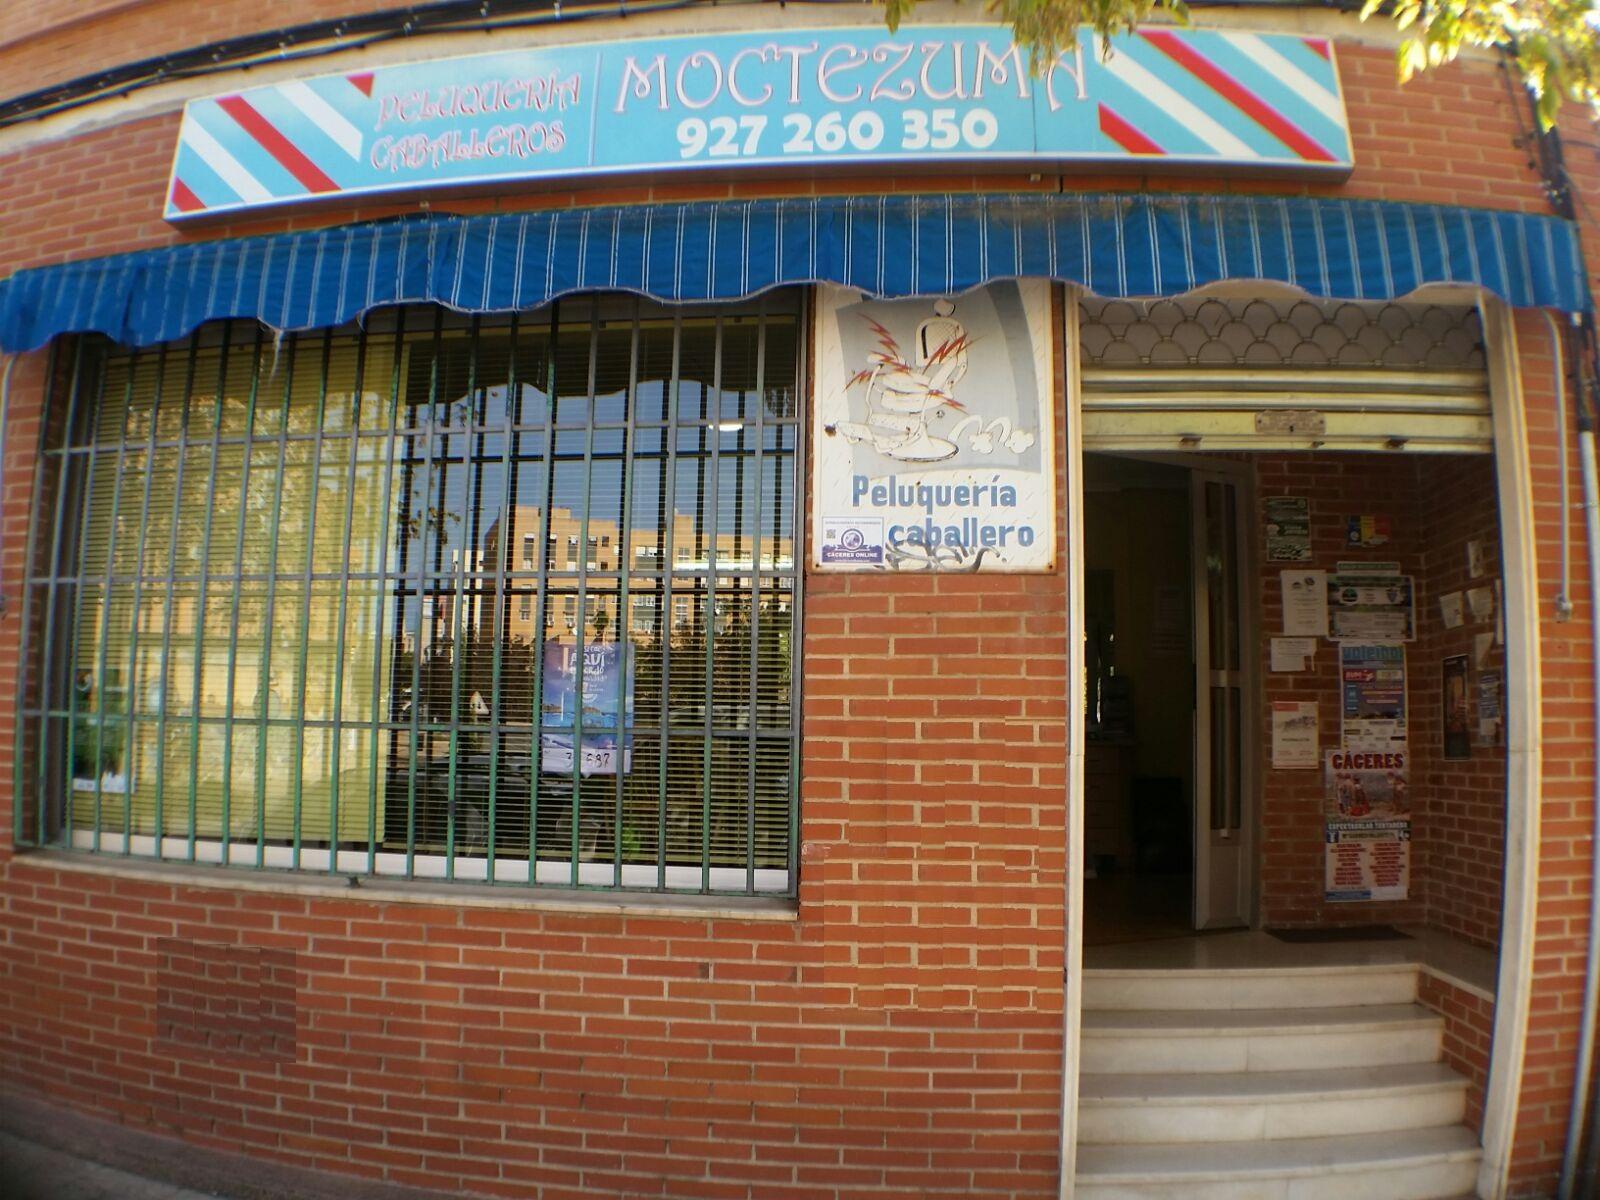 PELUQUERIA DE CABALLEROS MOCTEZUMA, Peluquería económica en Cáceres, Peluquería de caballeros económica en Cáceres